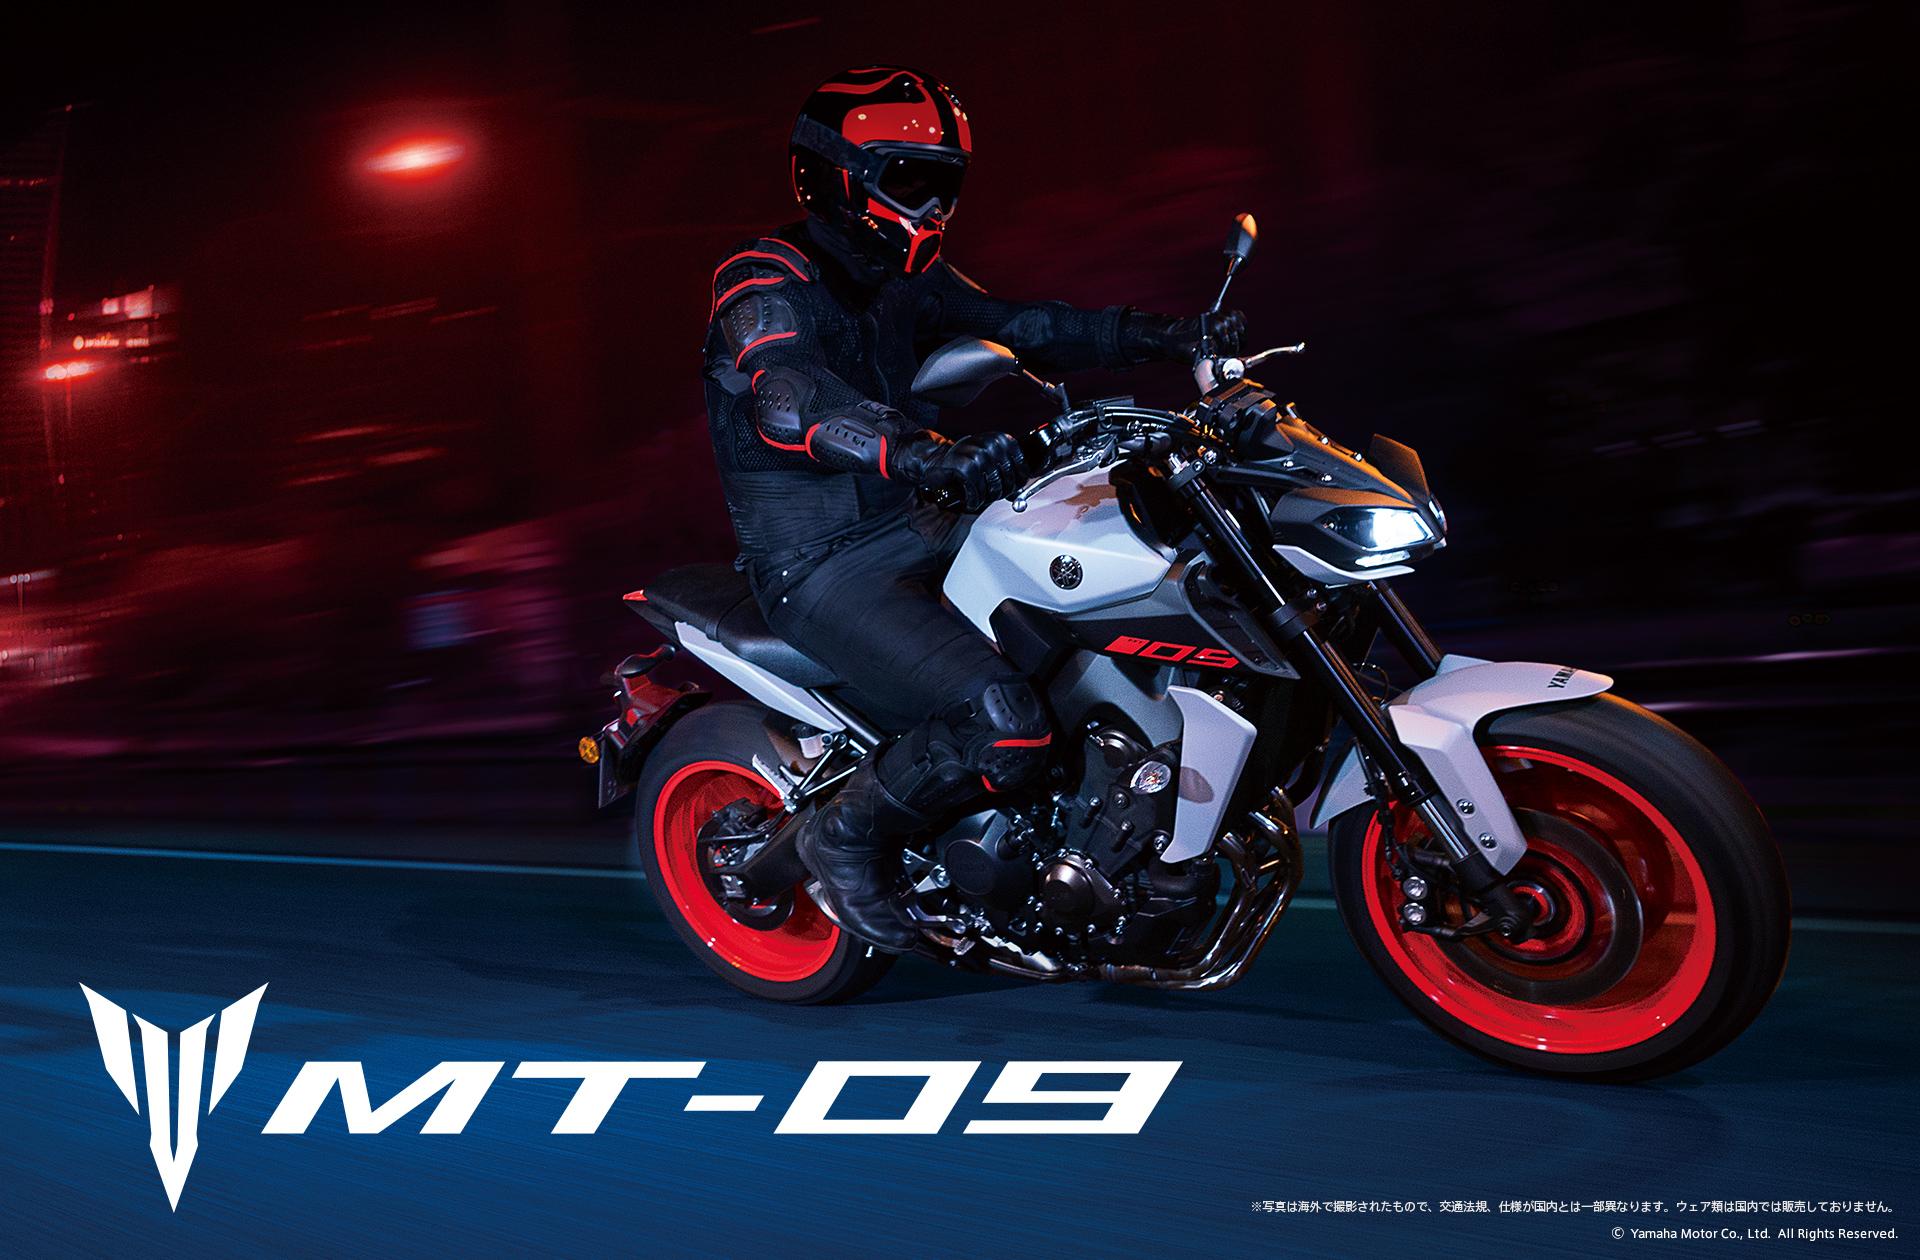 フォトライブラリー Mt 09 バイク スクーター ヤマハ発動機